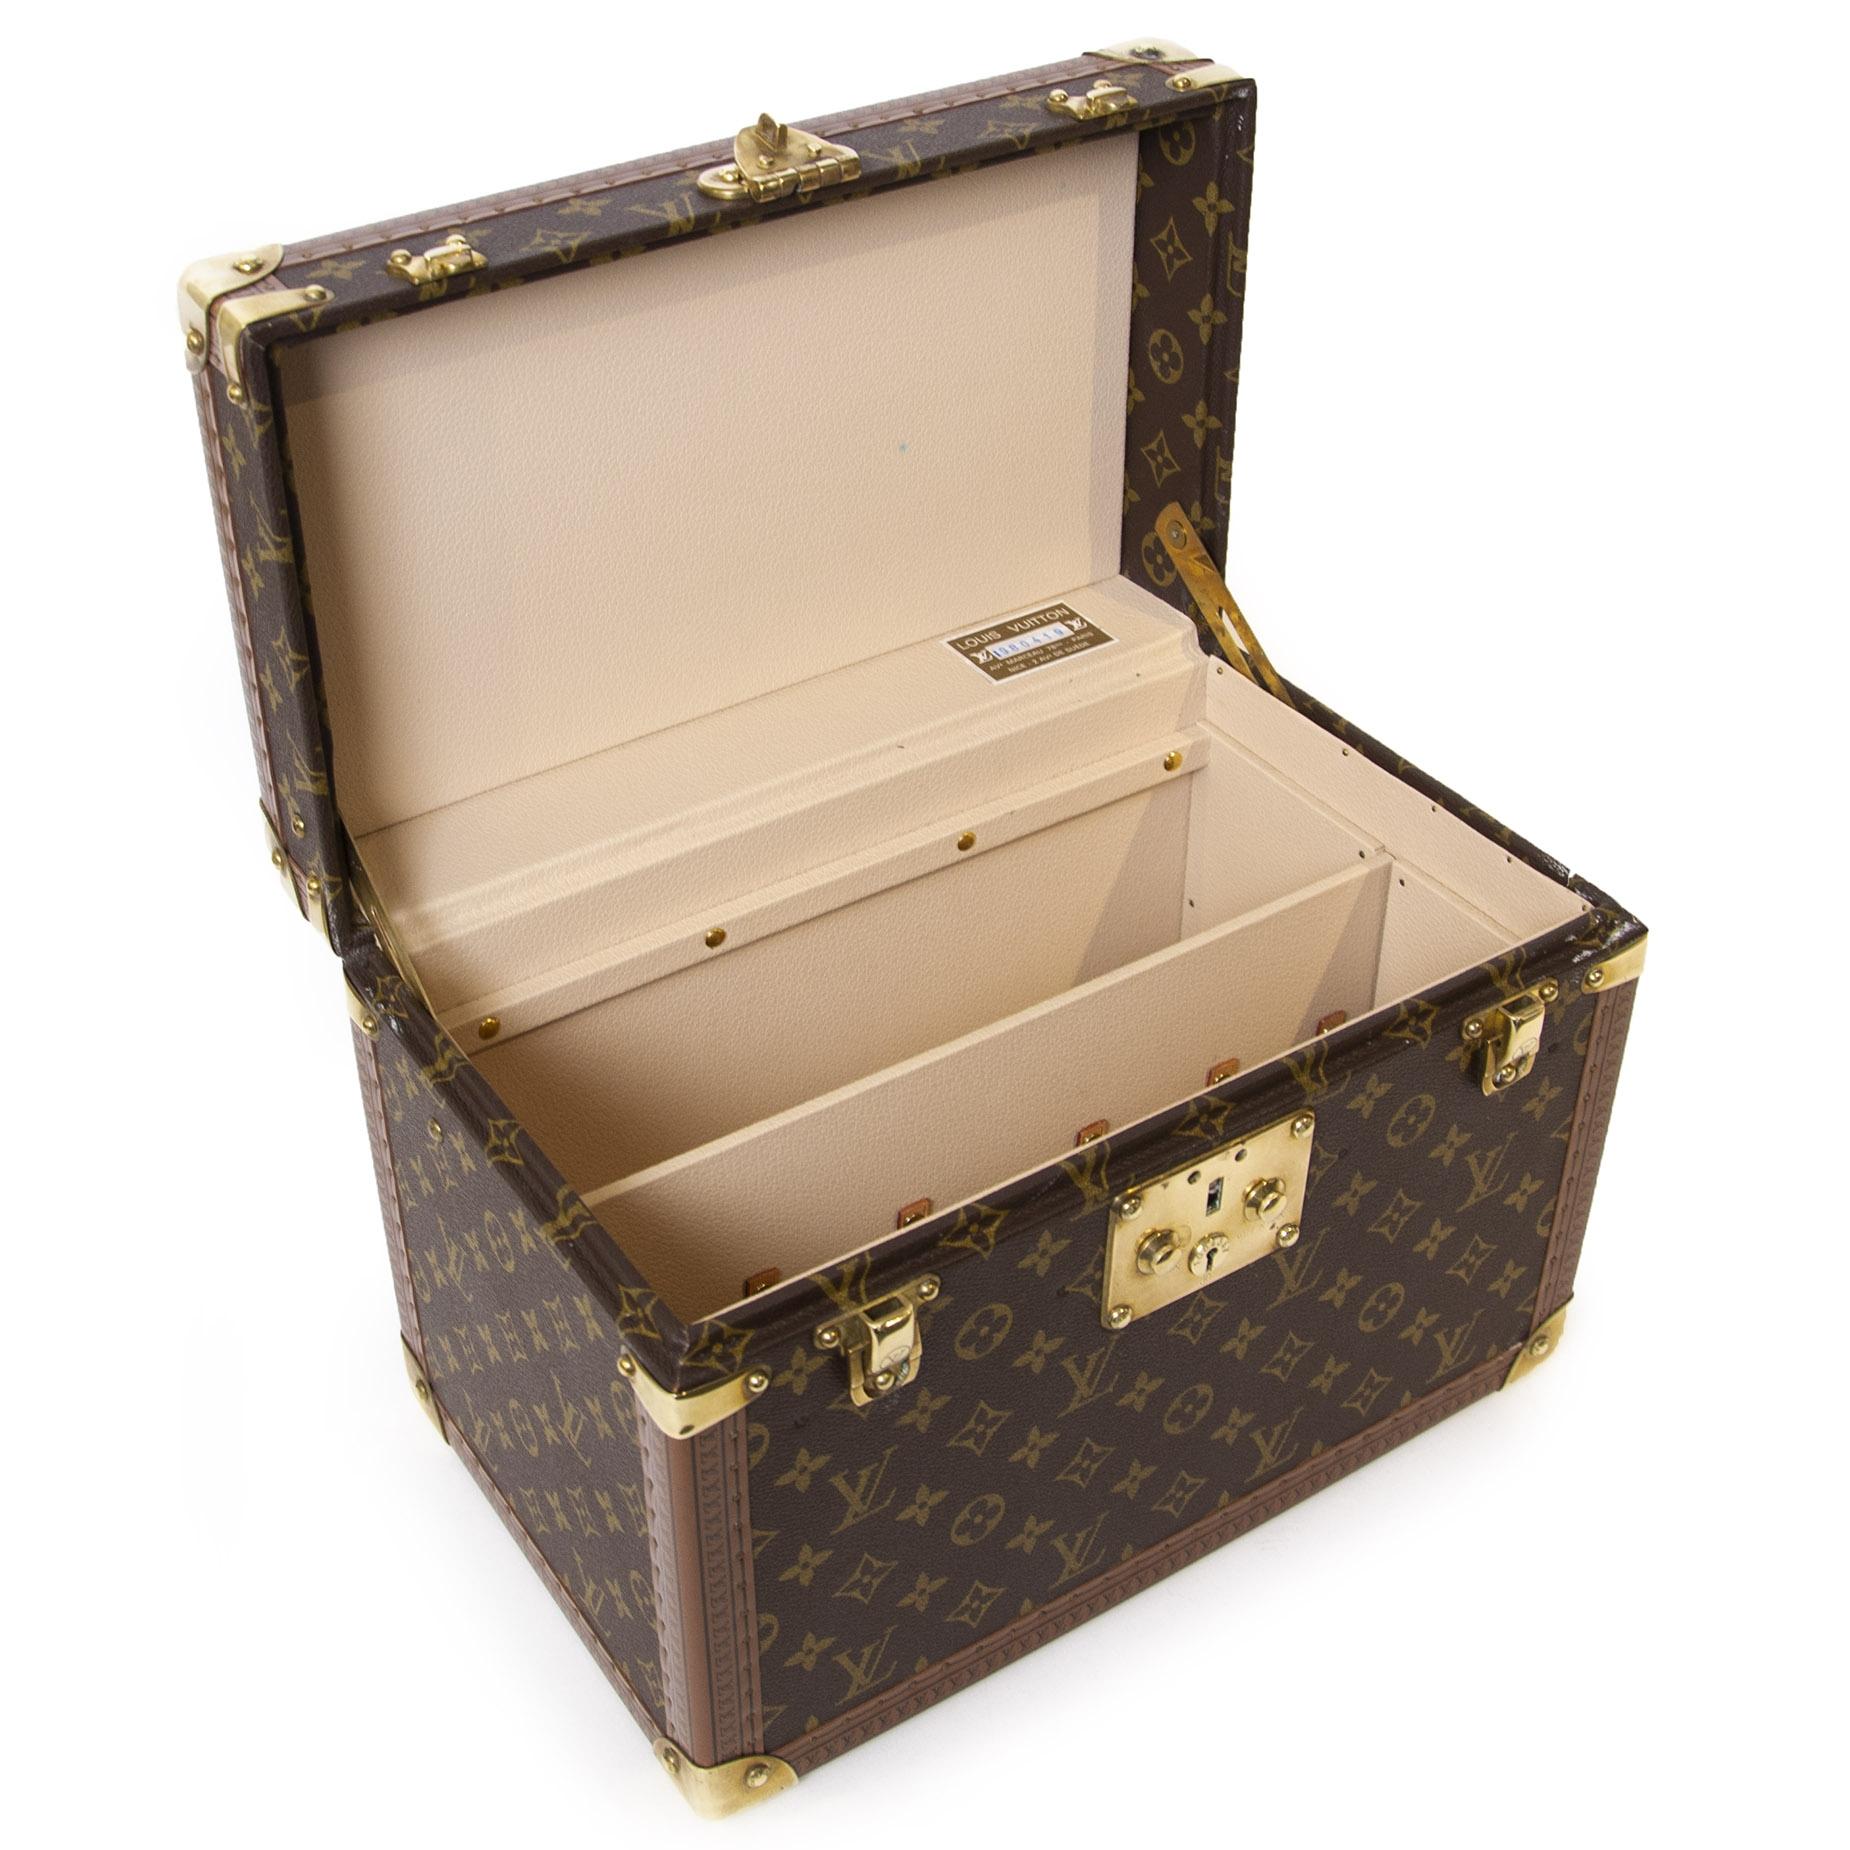 Authentieke tweedehands Louis Vuitton Vintage Monogram Travel Trunk Case juiste prijs veilig online winkelen LabelLOV webshop luxe merken winkelen Antwerpen België mode fashion